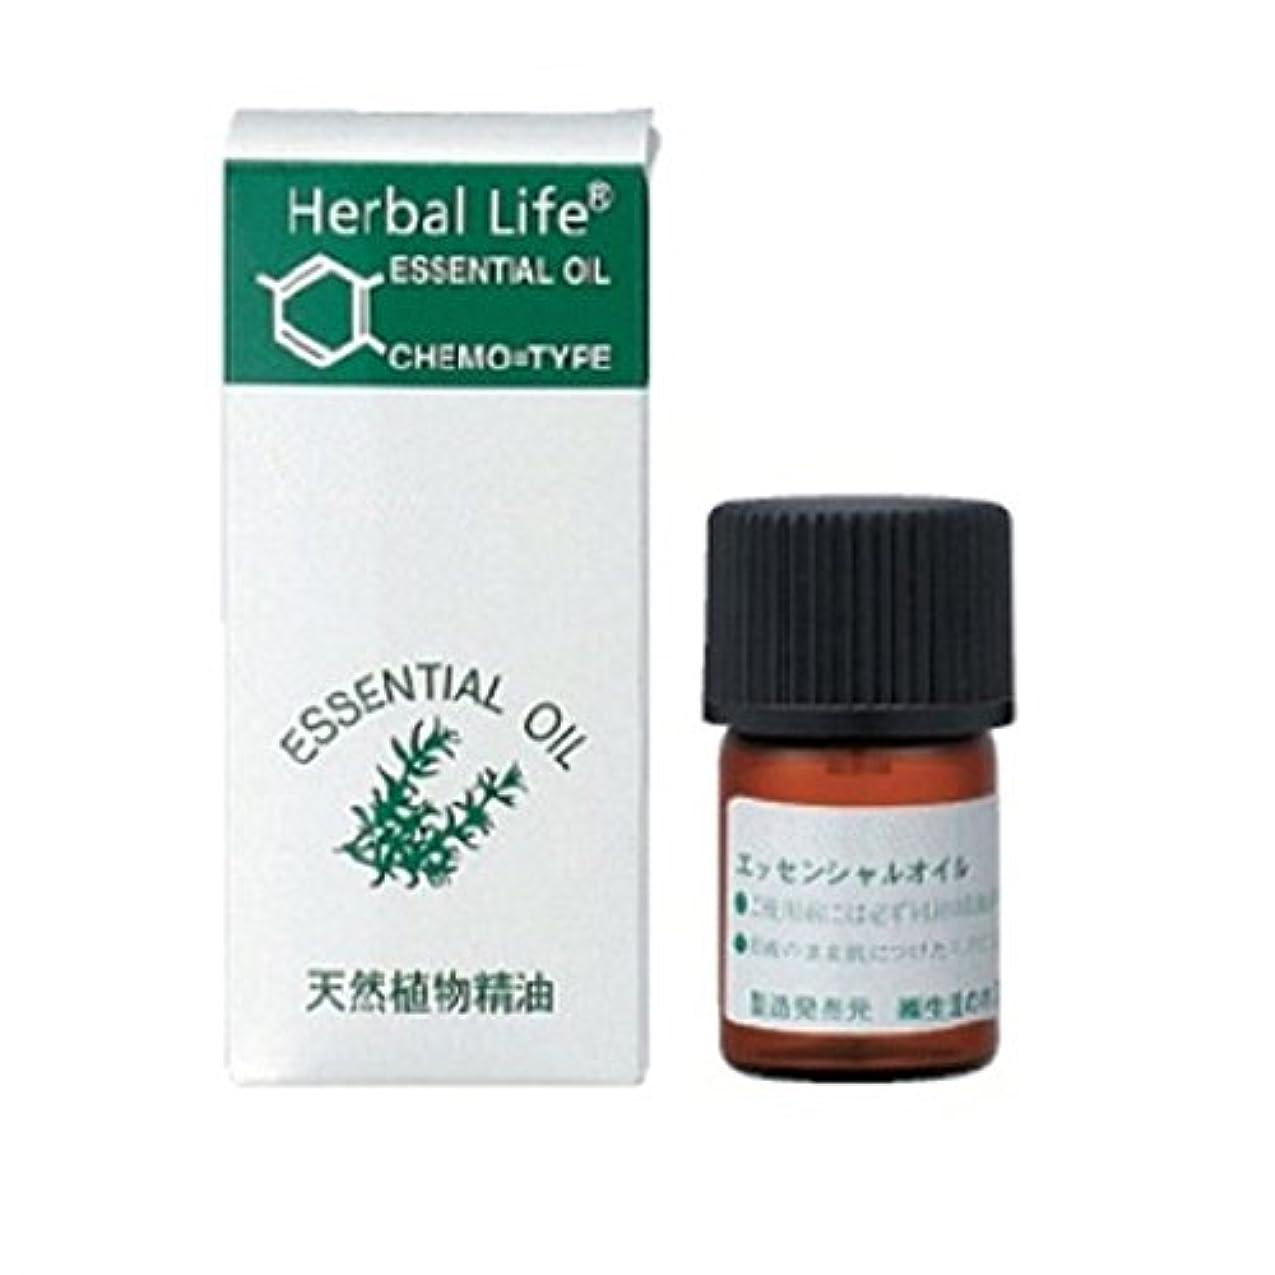 生活の木 エッセンシャルオイル ベルガモット(ベルガプテンフリー) 3ml 08-449-3920